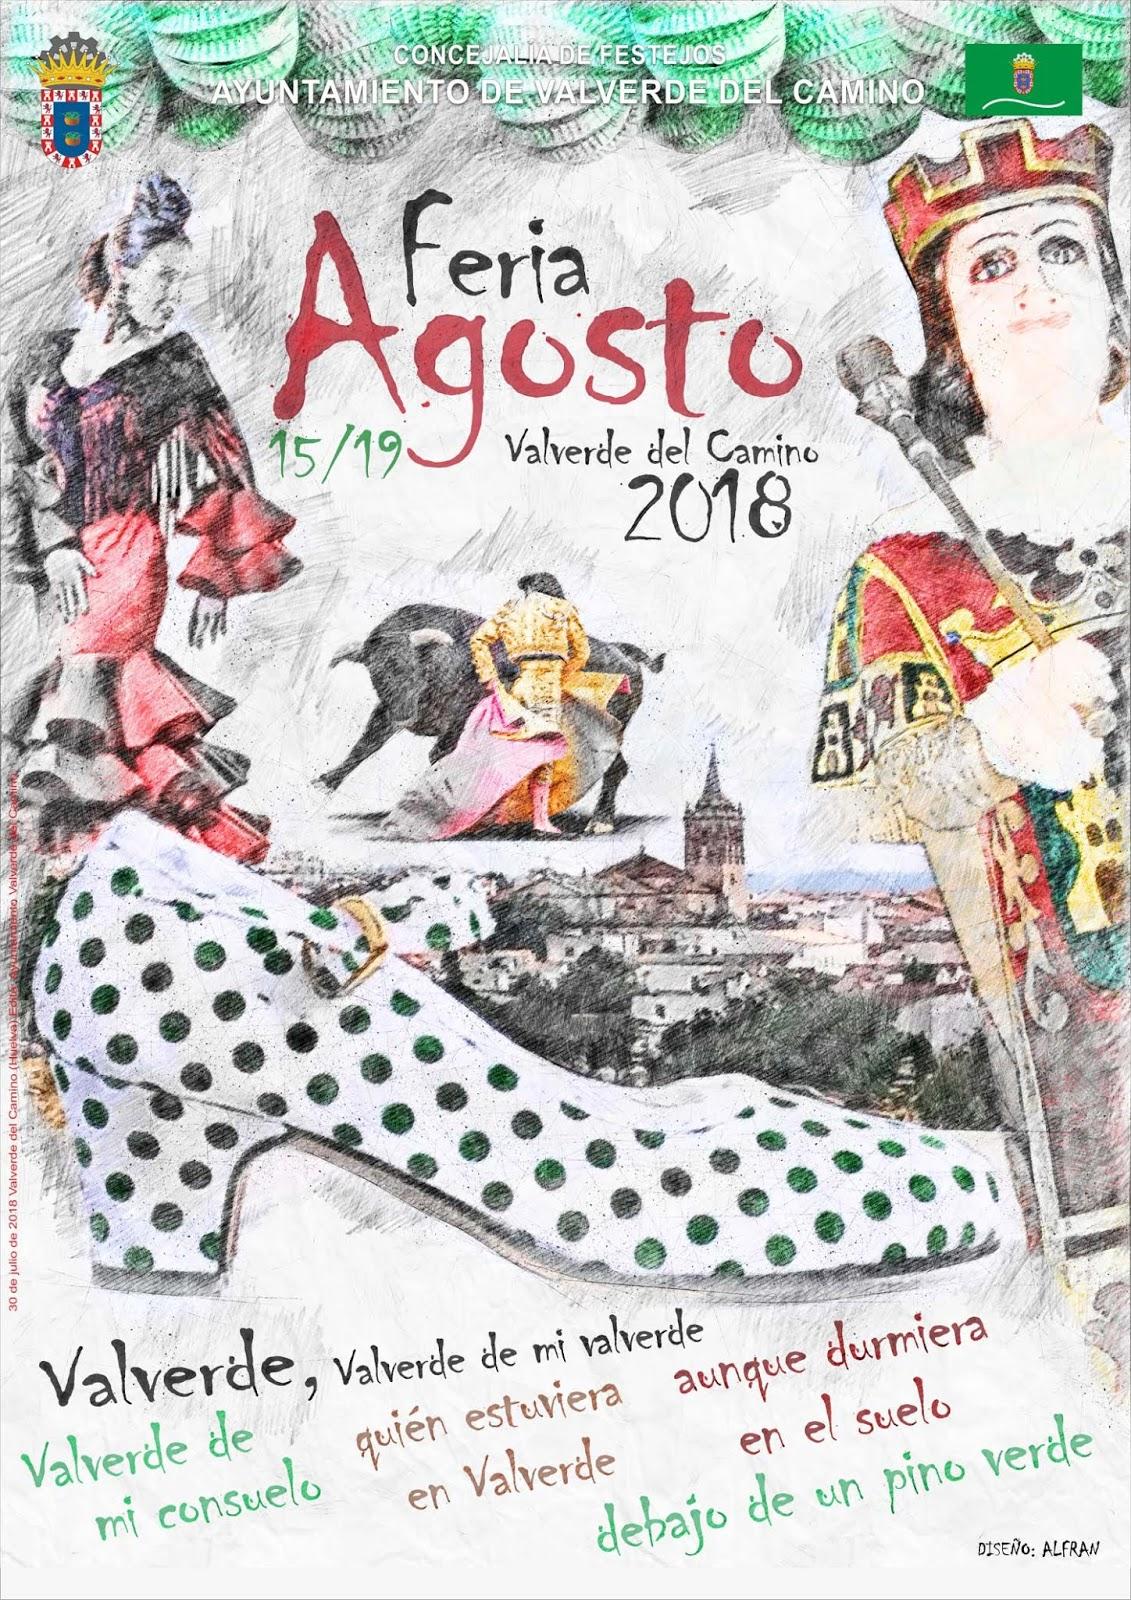 Cartel de Feria de Agosto 2018 en Valverde del Camino